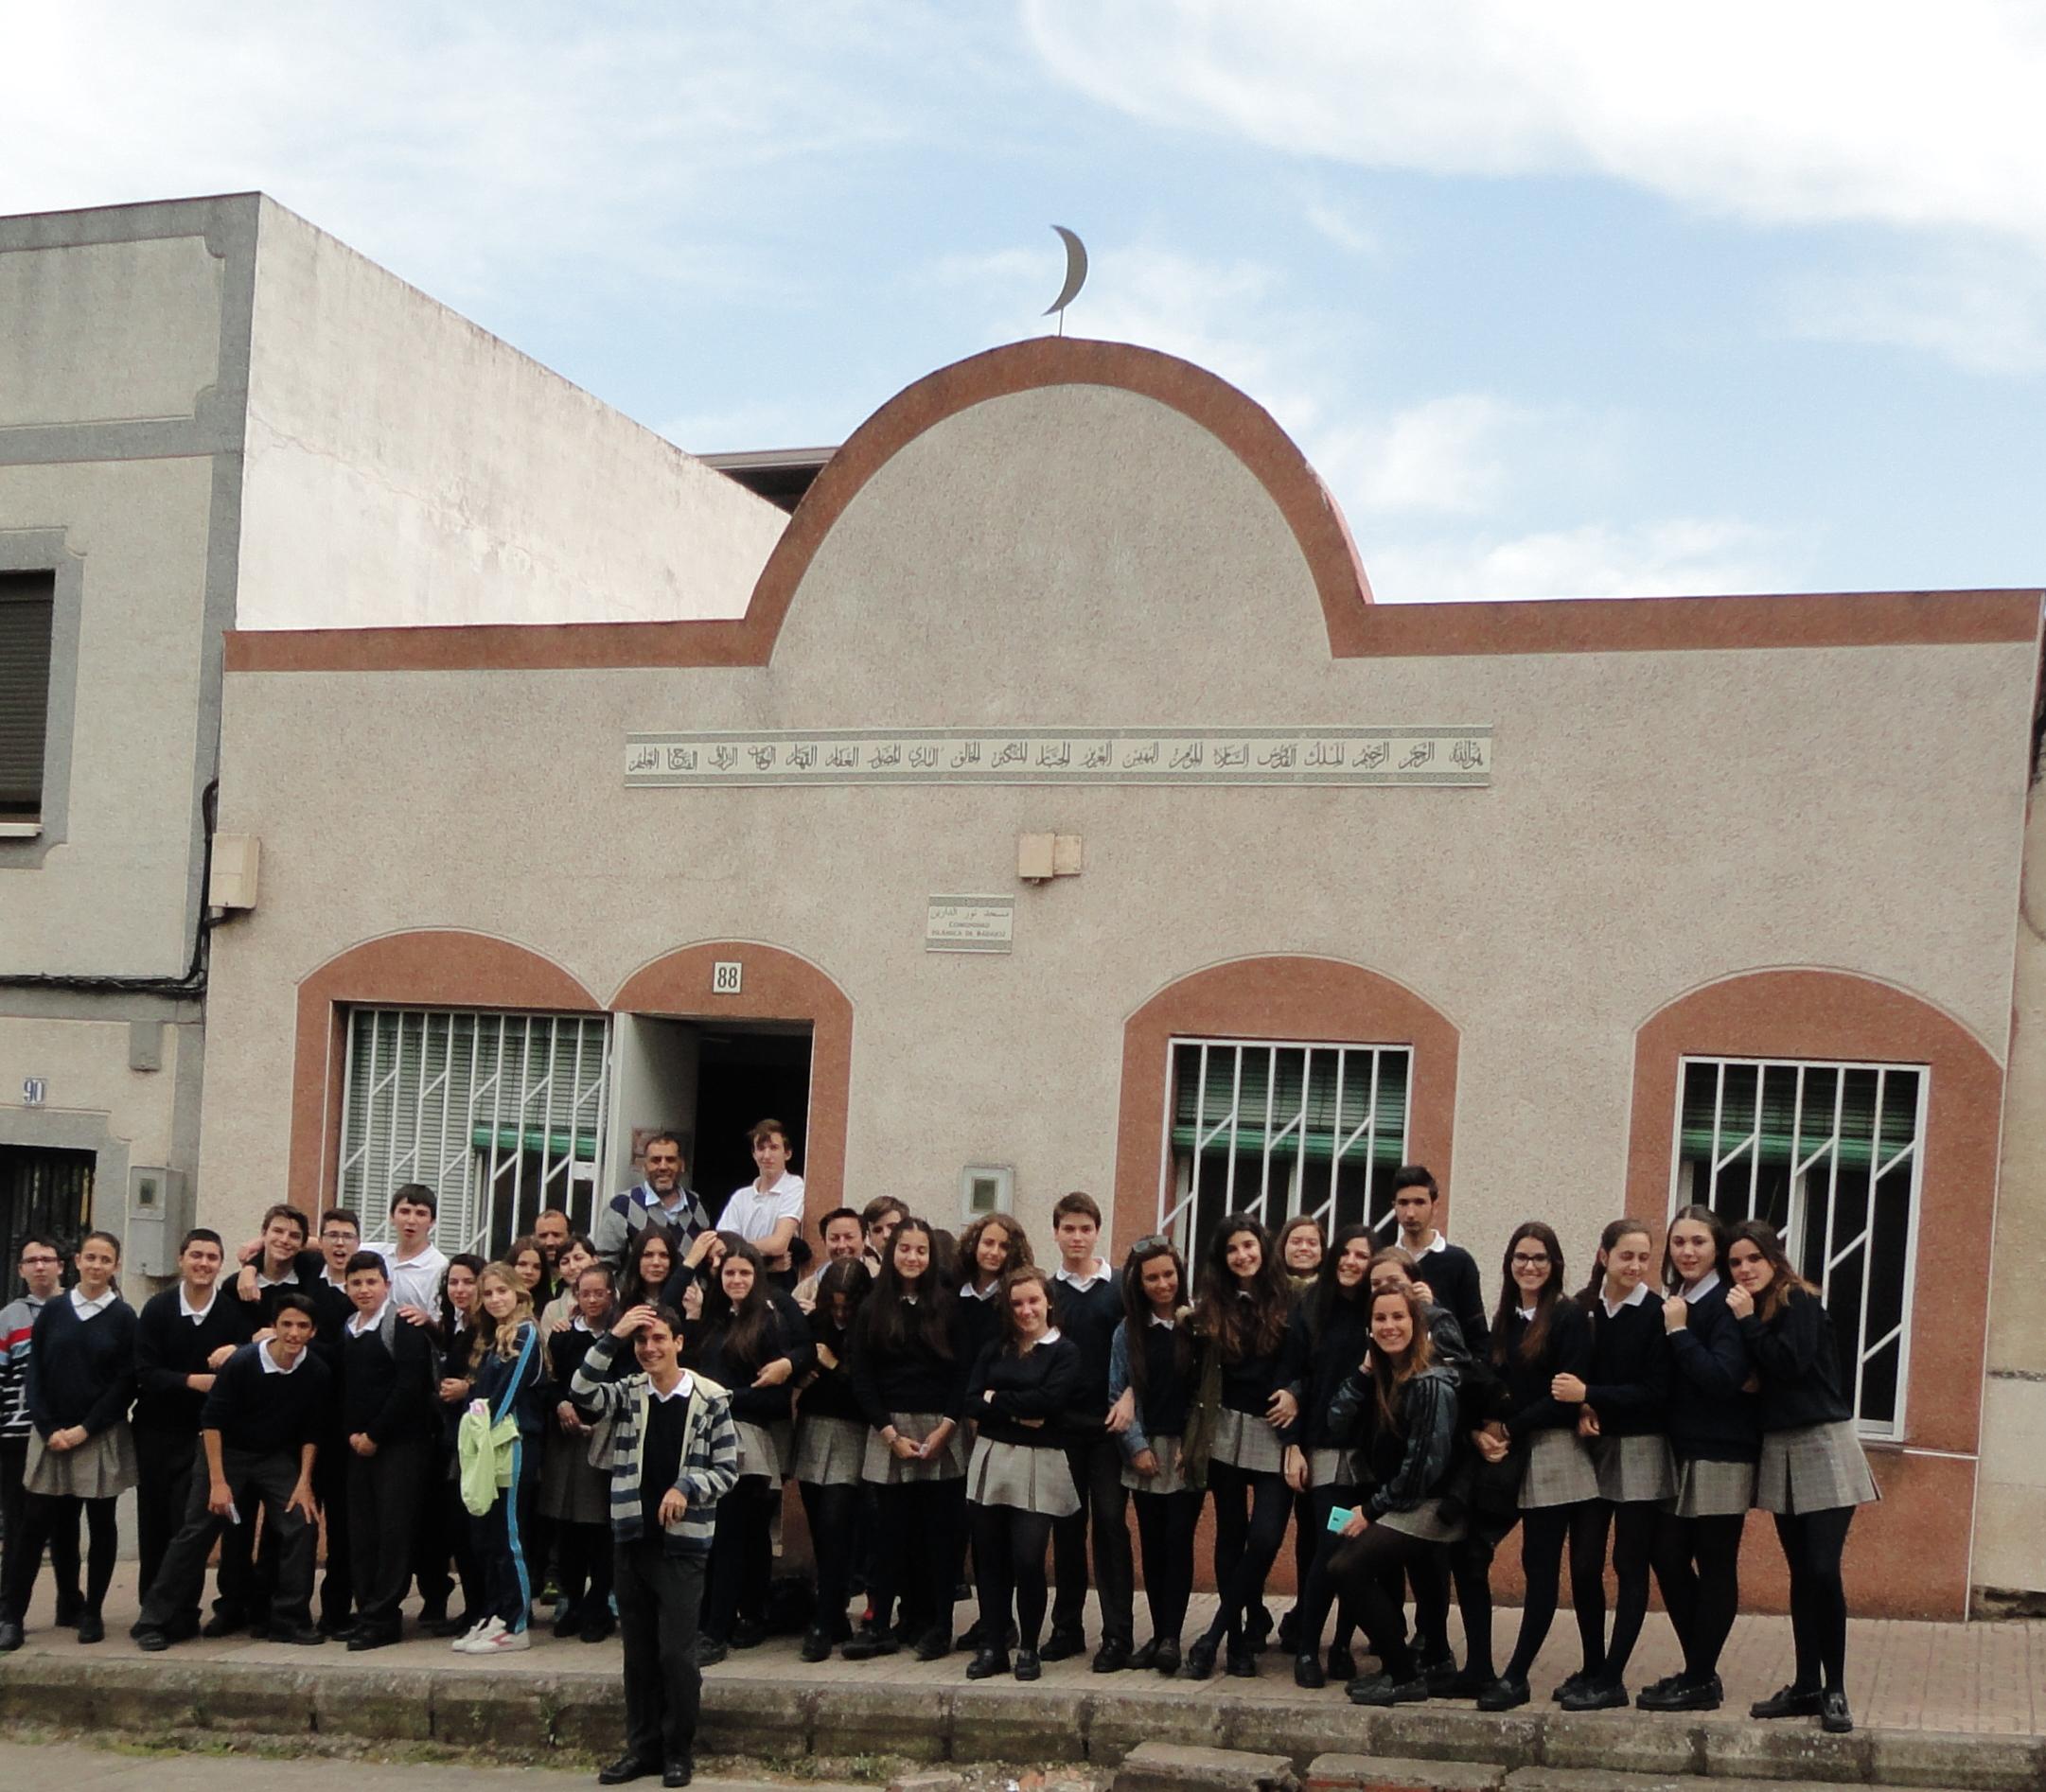 El Colegio Santo Ángel de visita a la Mezquita de Badajoz